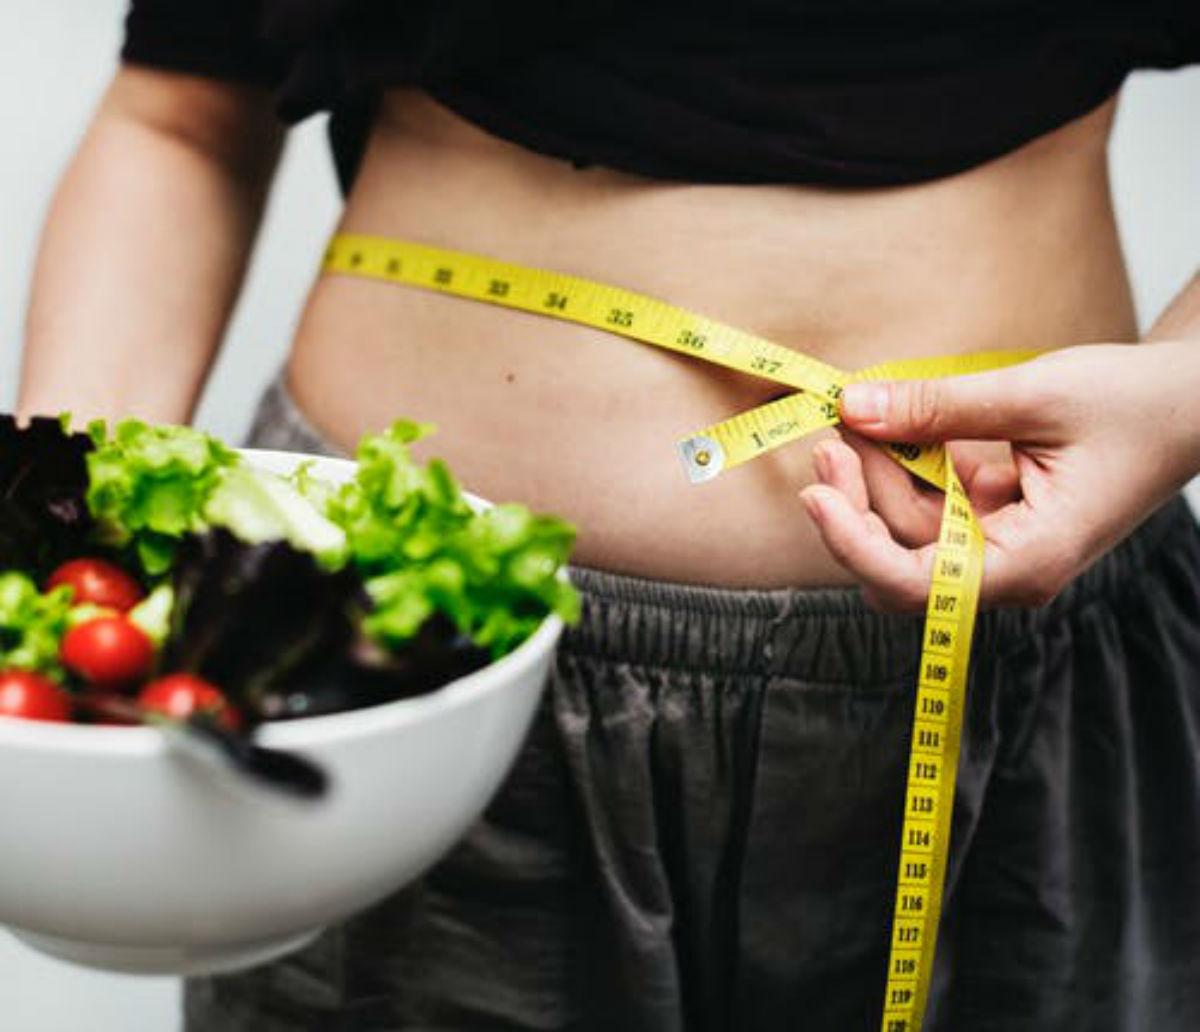 metodi per perdere peso